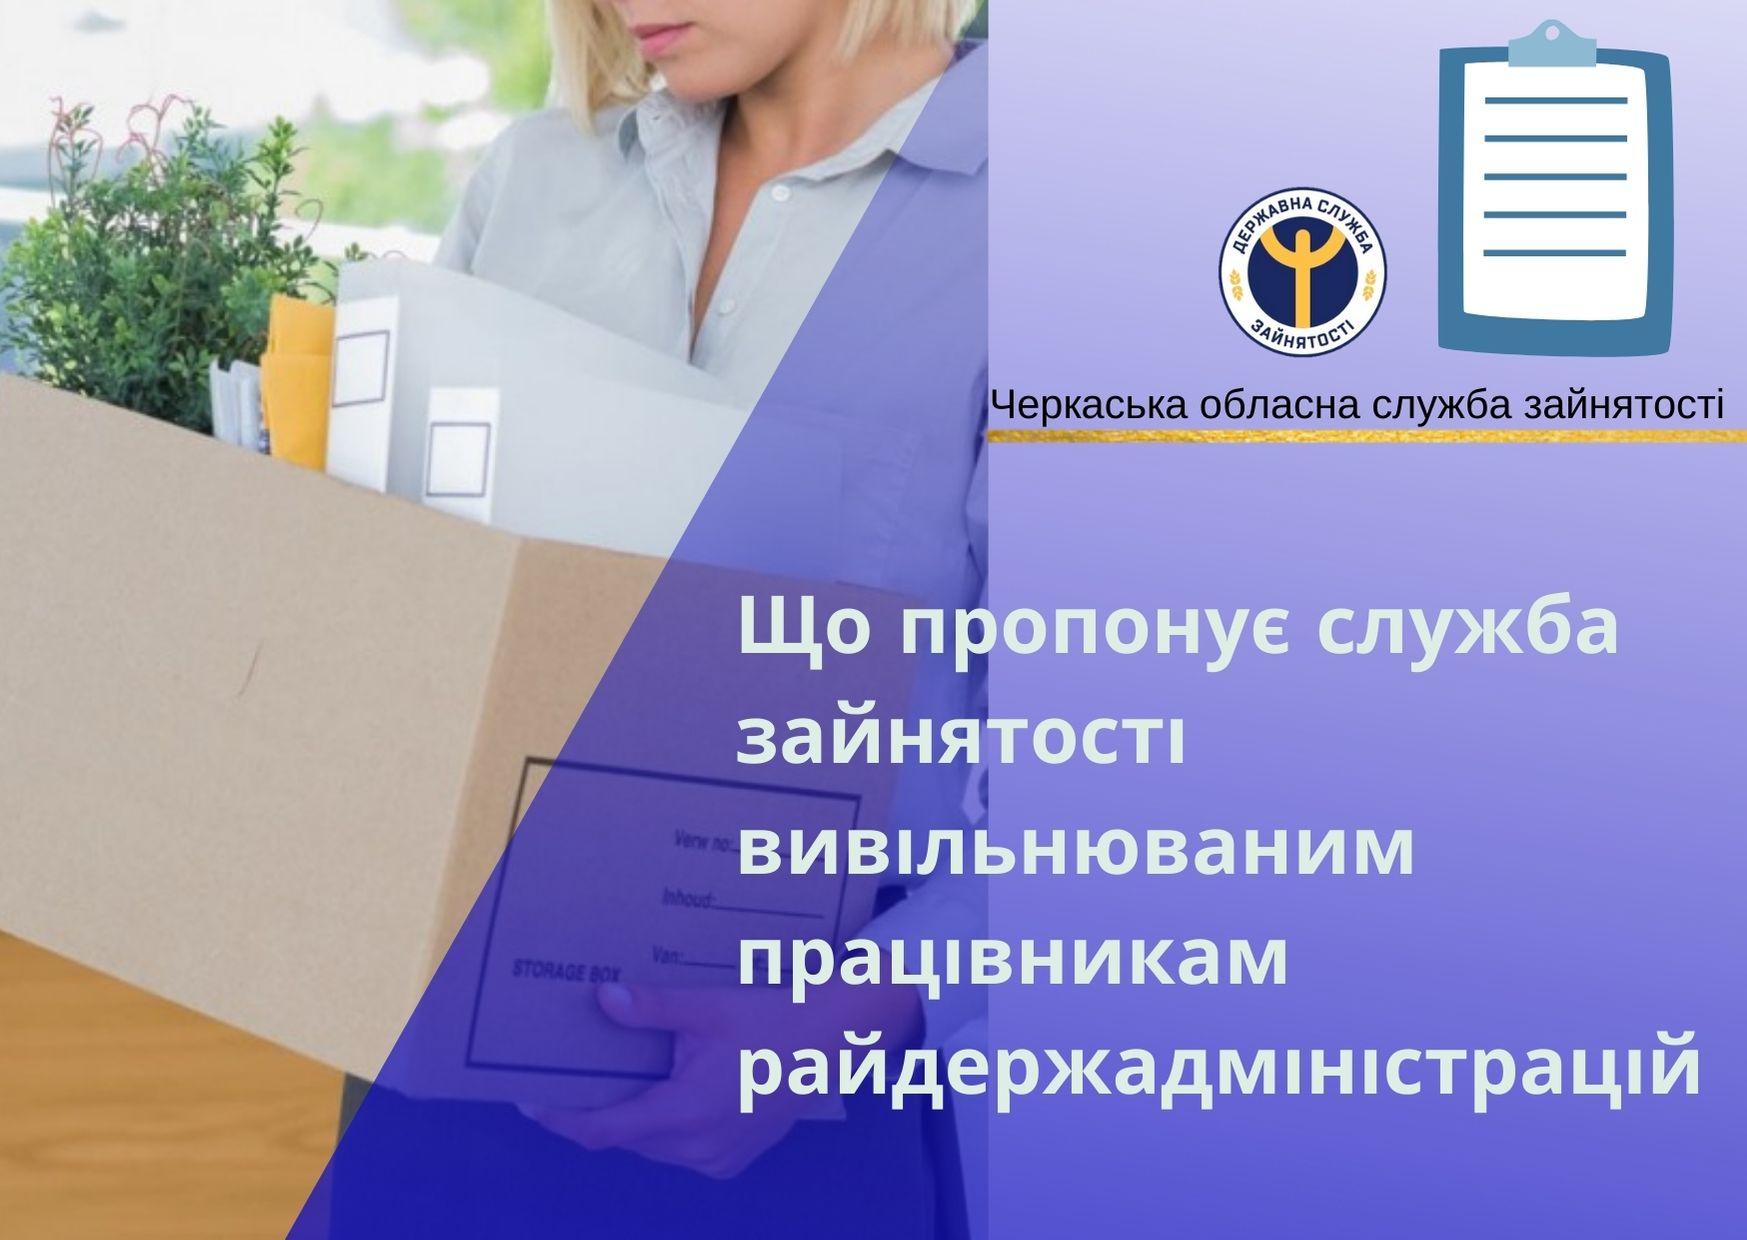 Що пропонує служба зайнятості вивільнюваним працівникам райдержадміністрацій